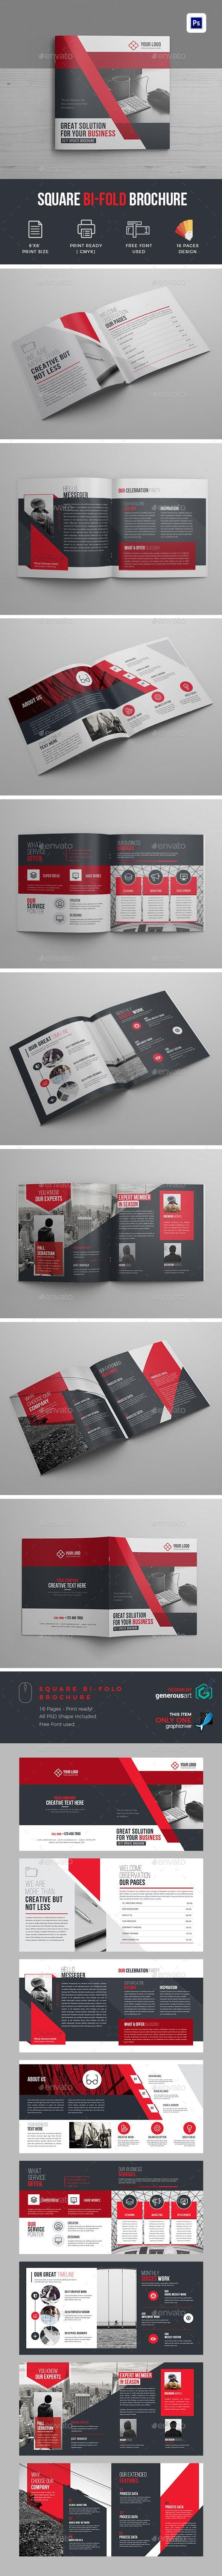 Creative Square Bi-Fold Brochure Template